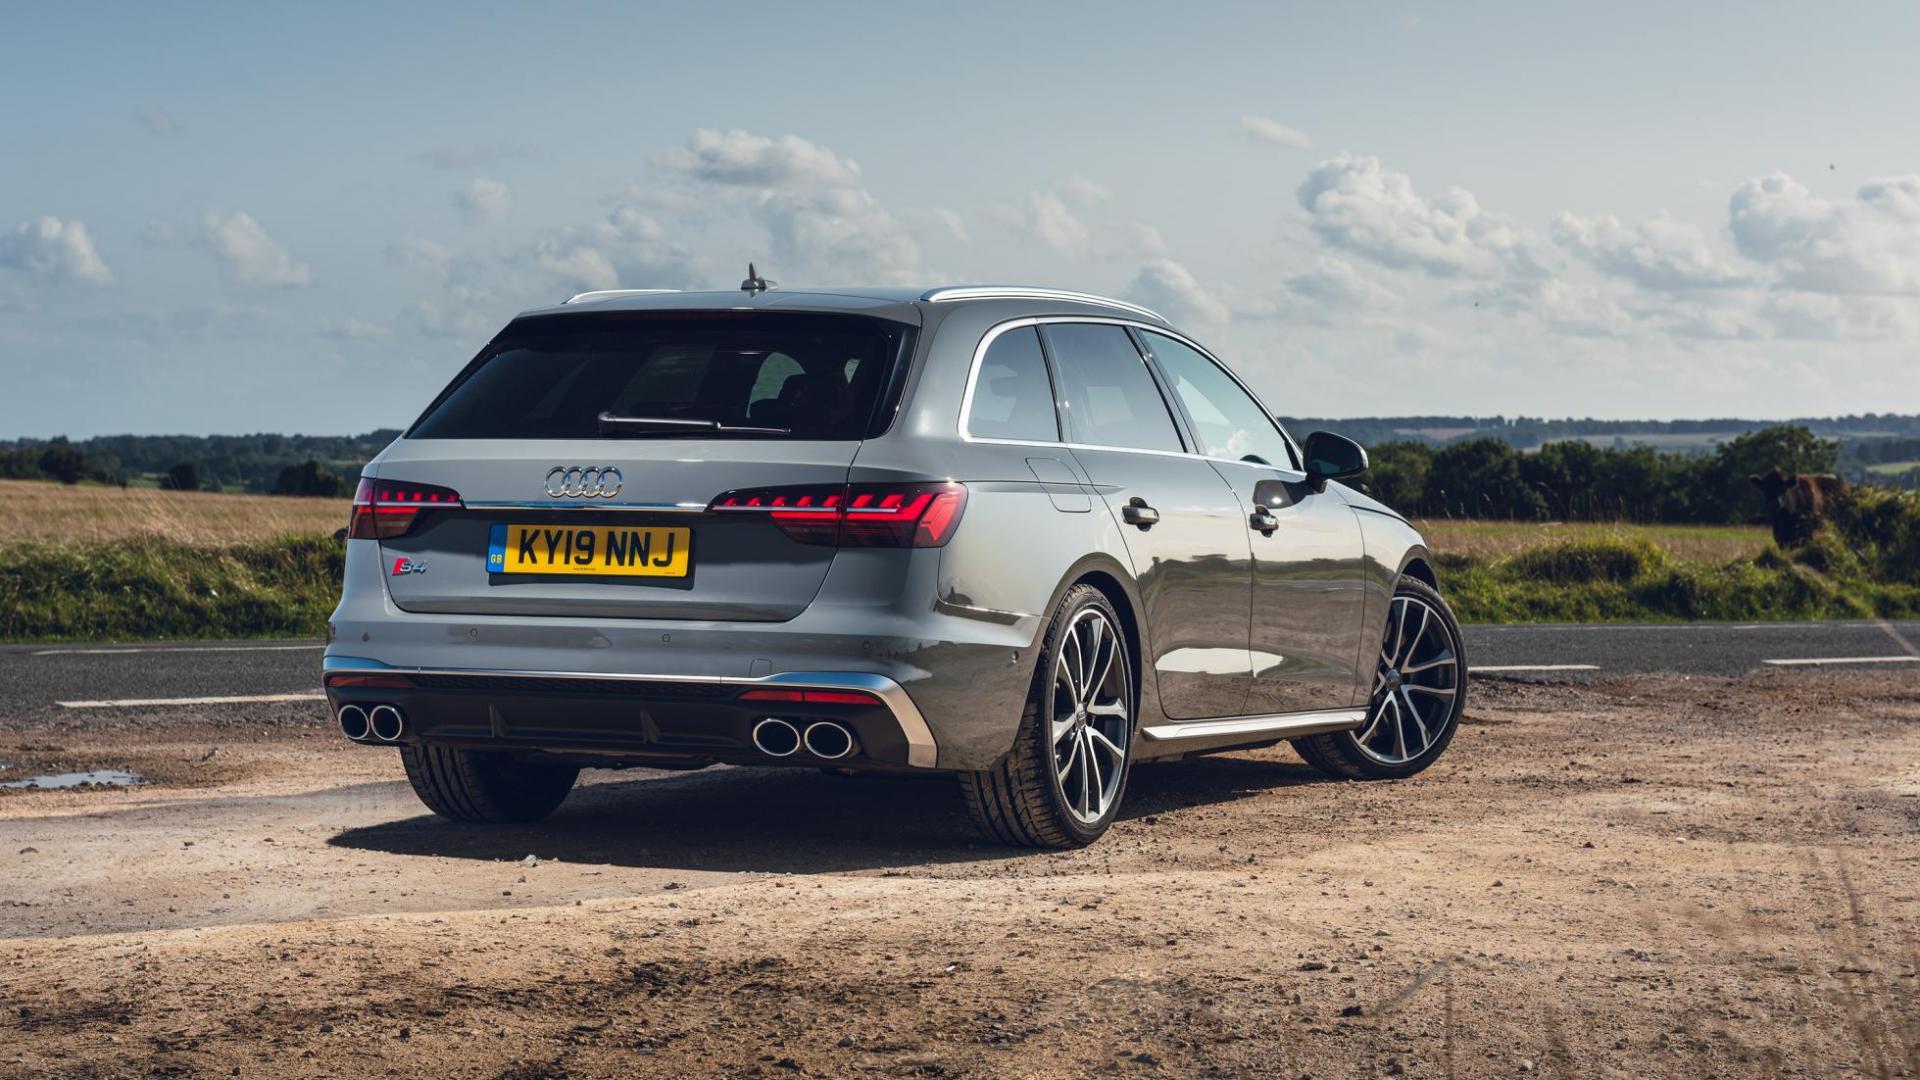 Audi S4 Avant 3.0 TDI Quattro 3 4 achter